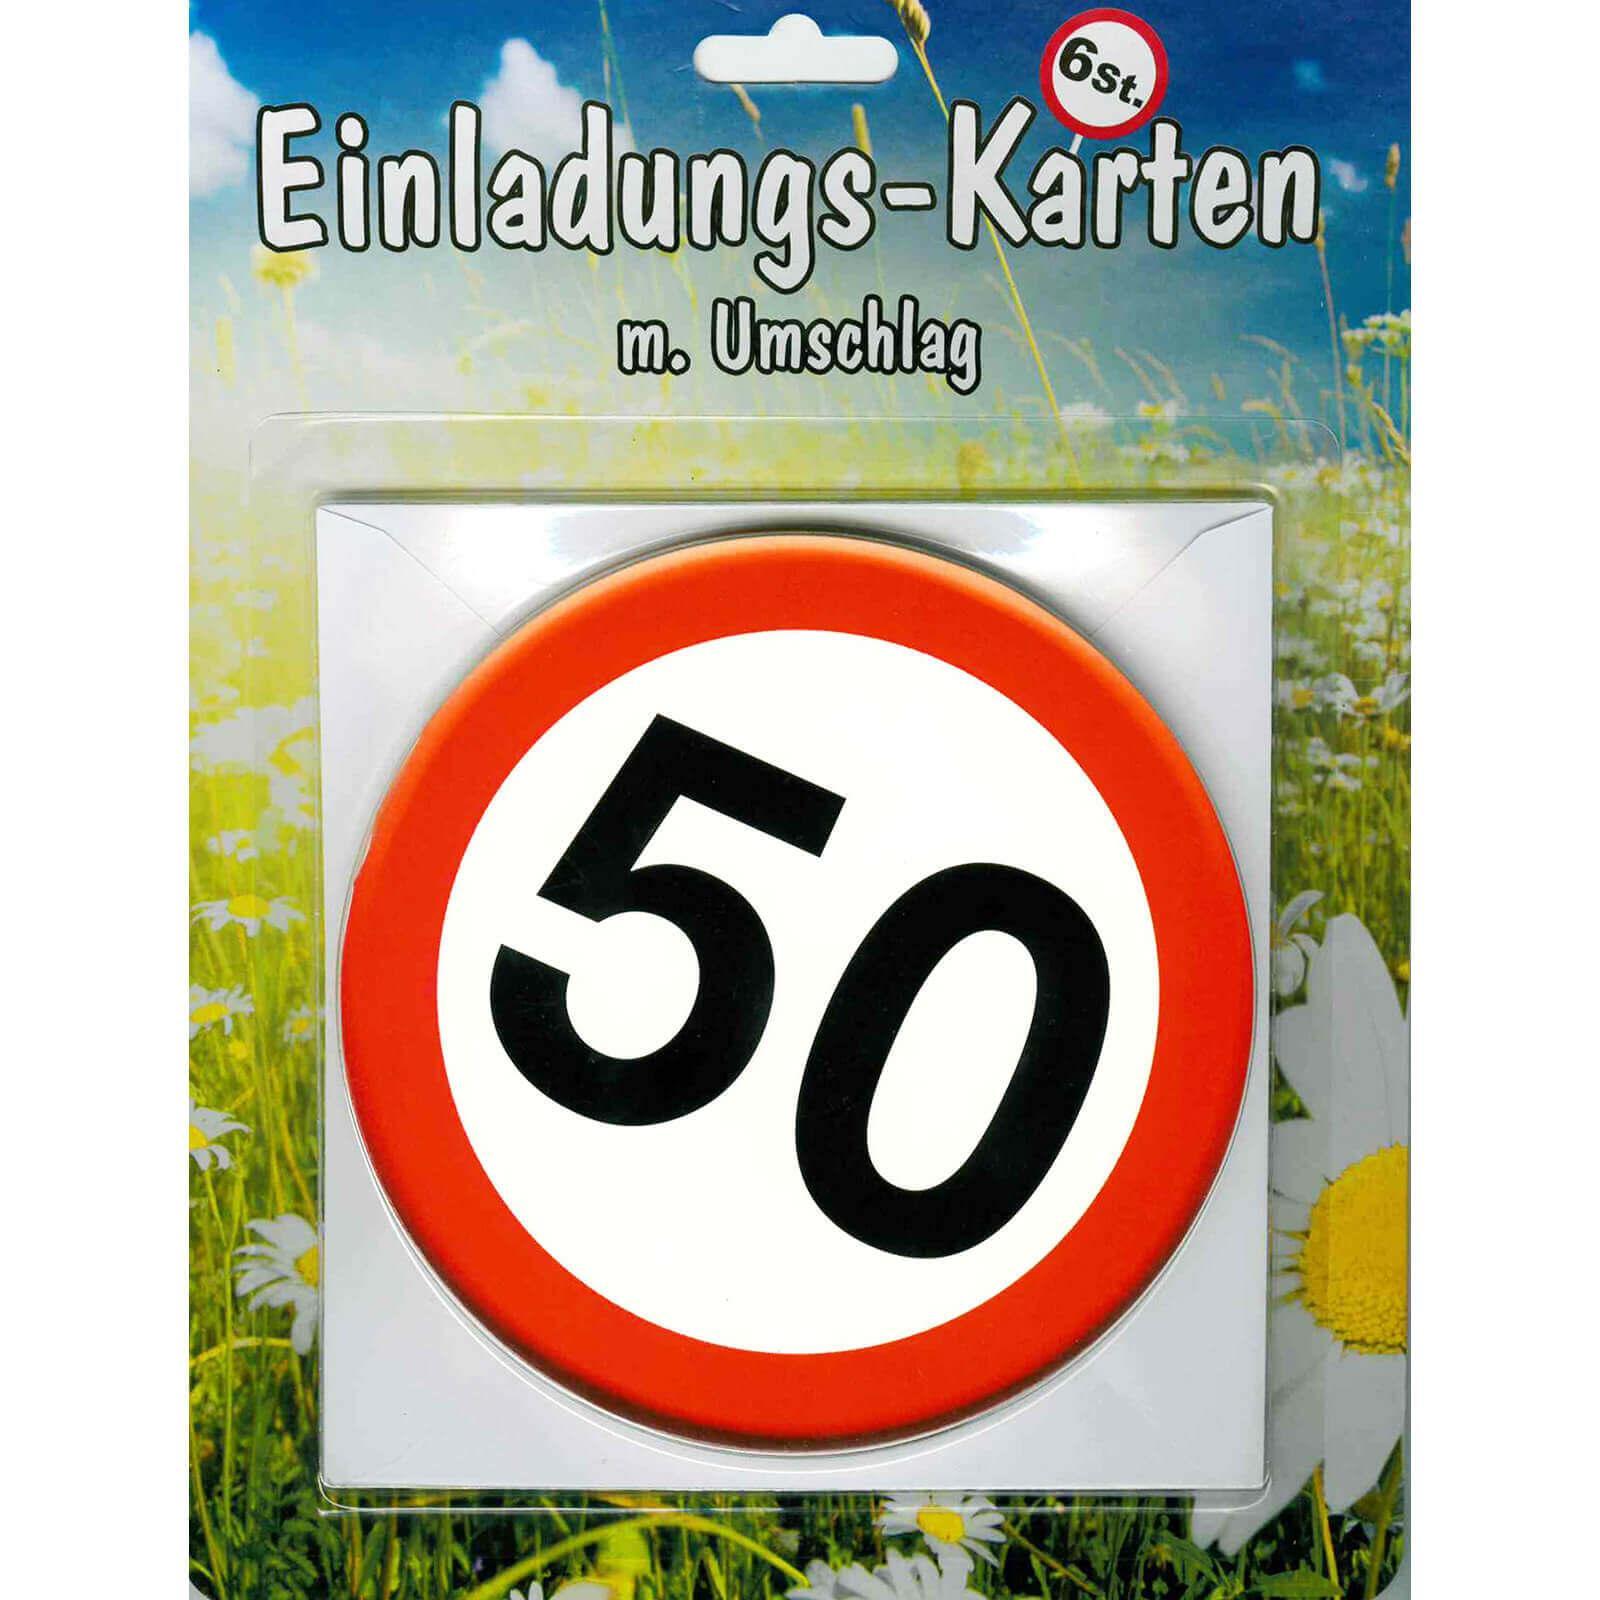 einladungskarten 50. geburtstag - einladungen zur party